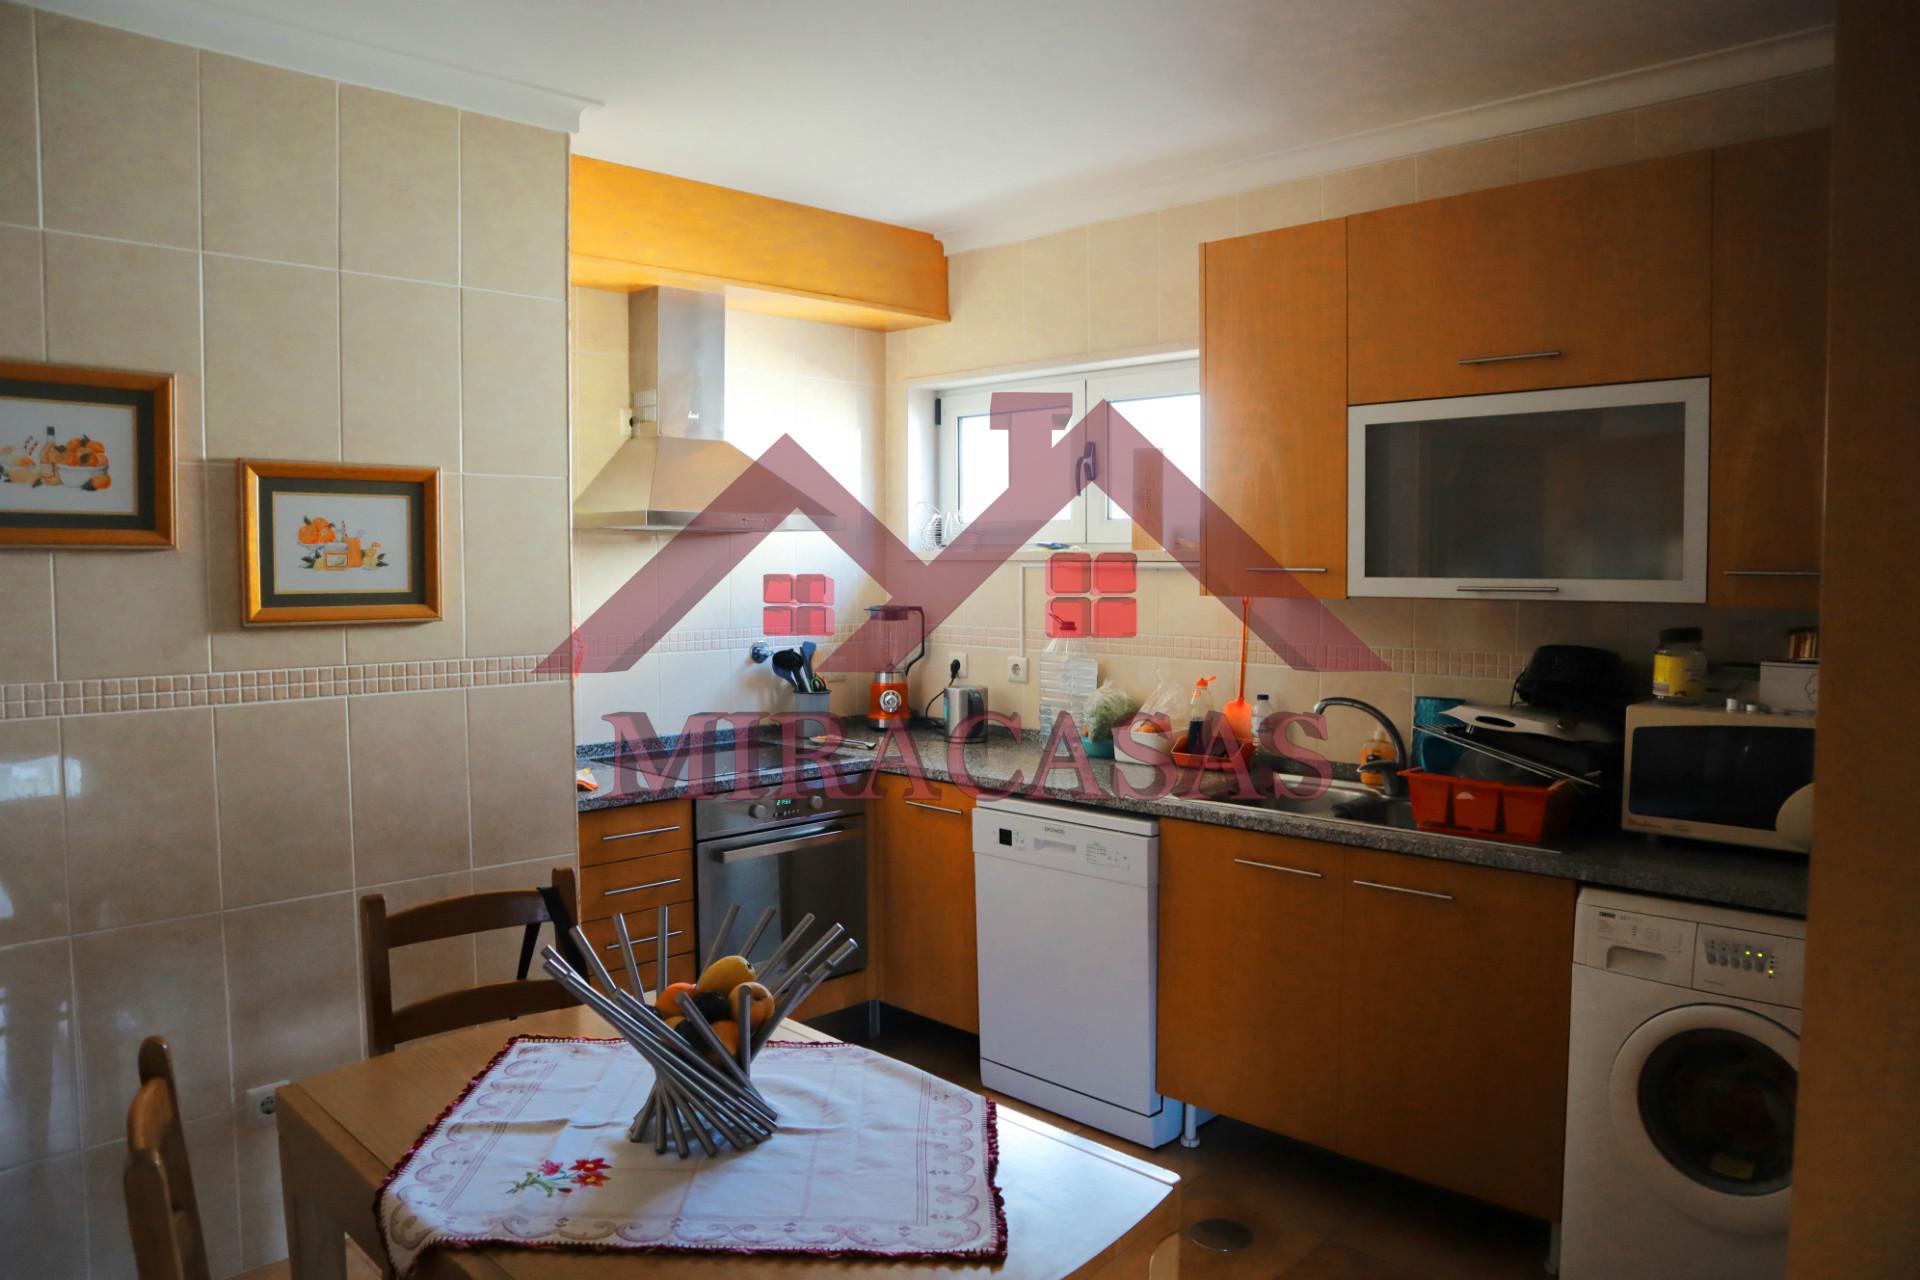 Doppelhaus 3 Schlafzimmer